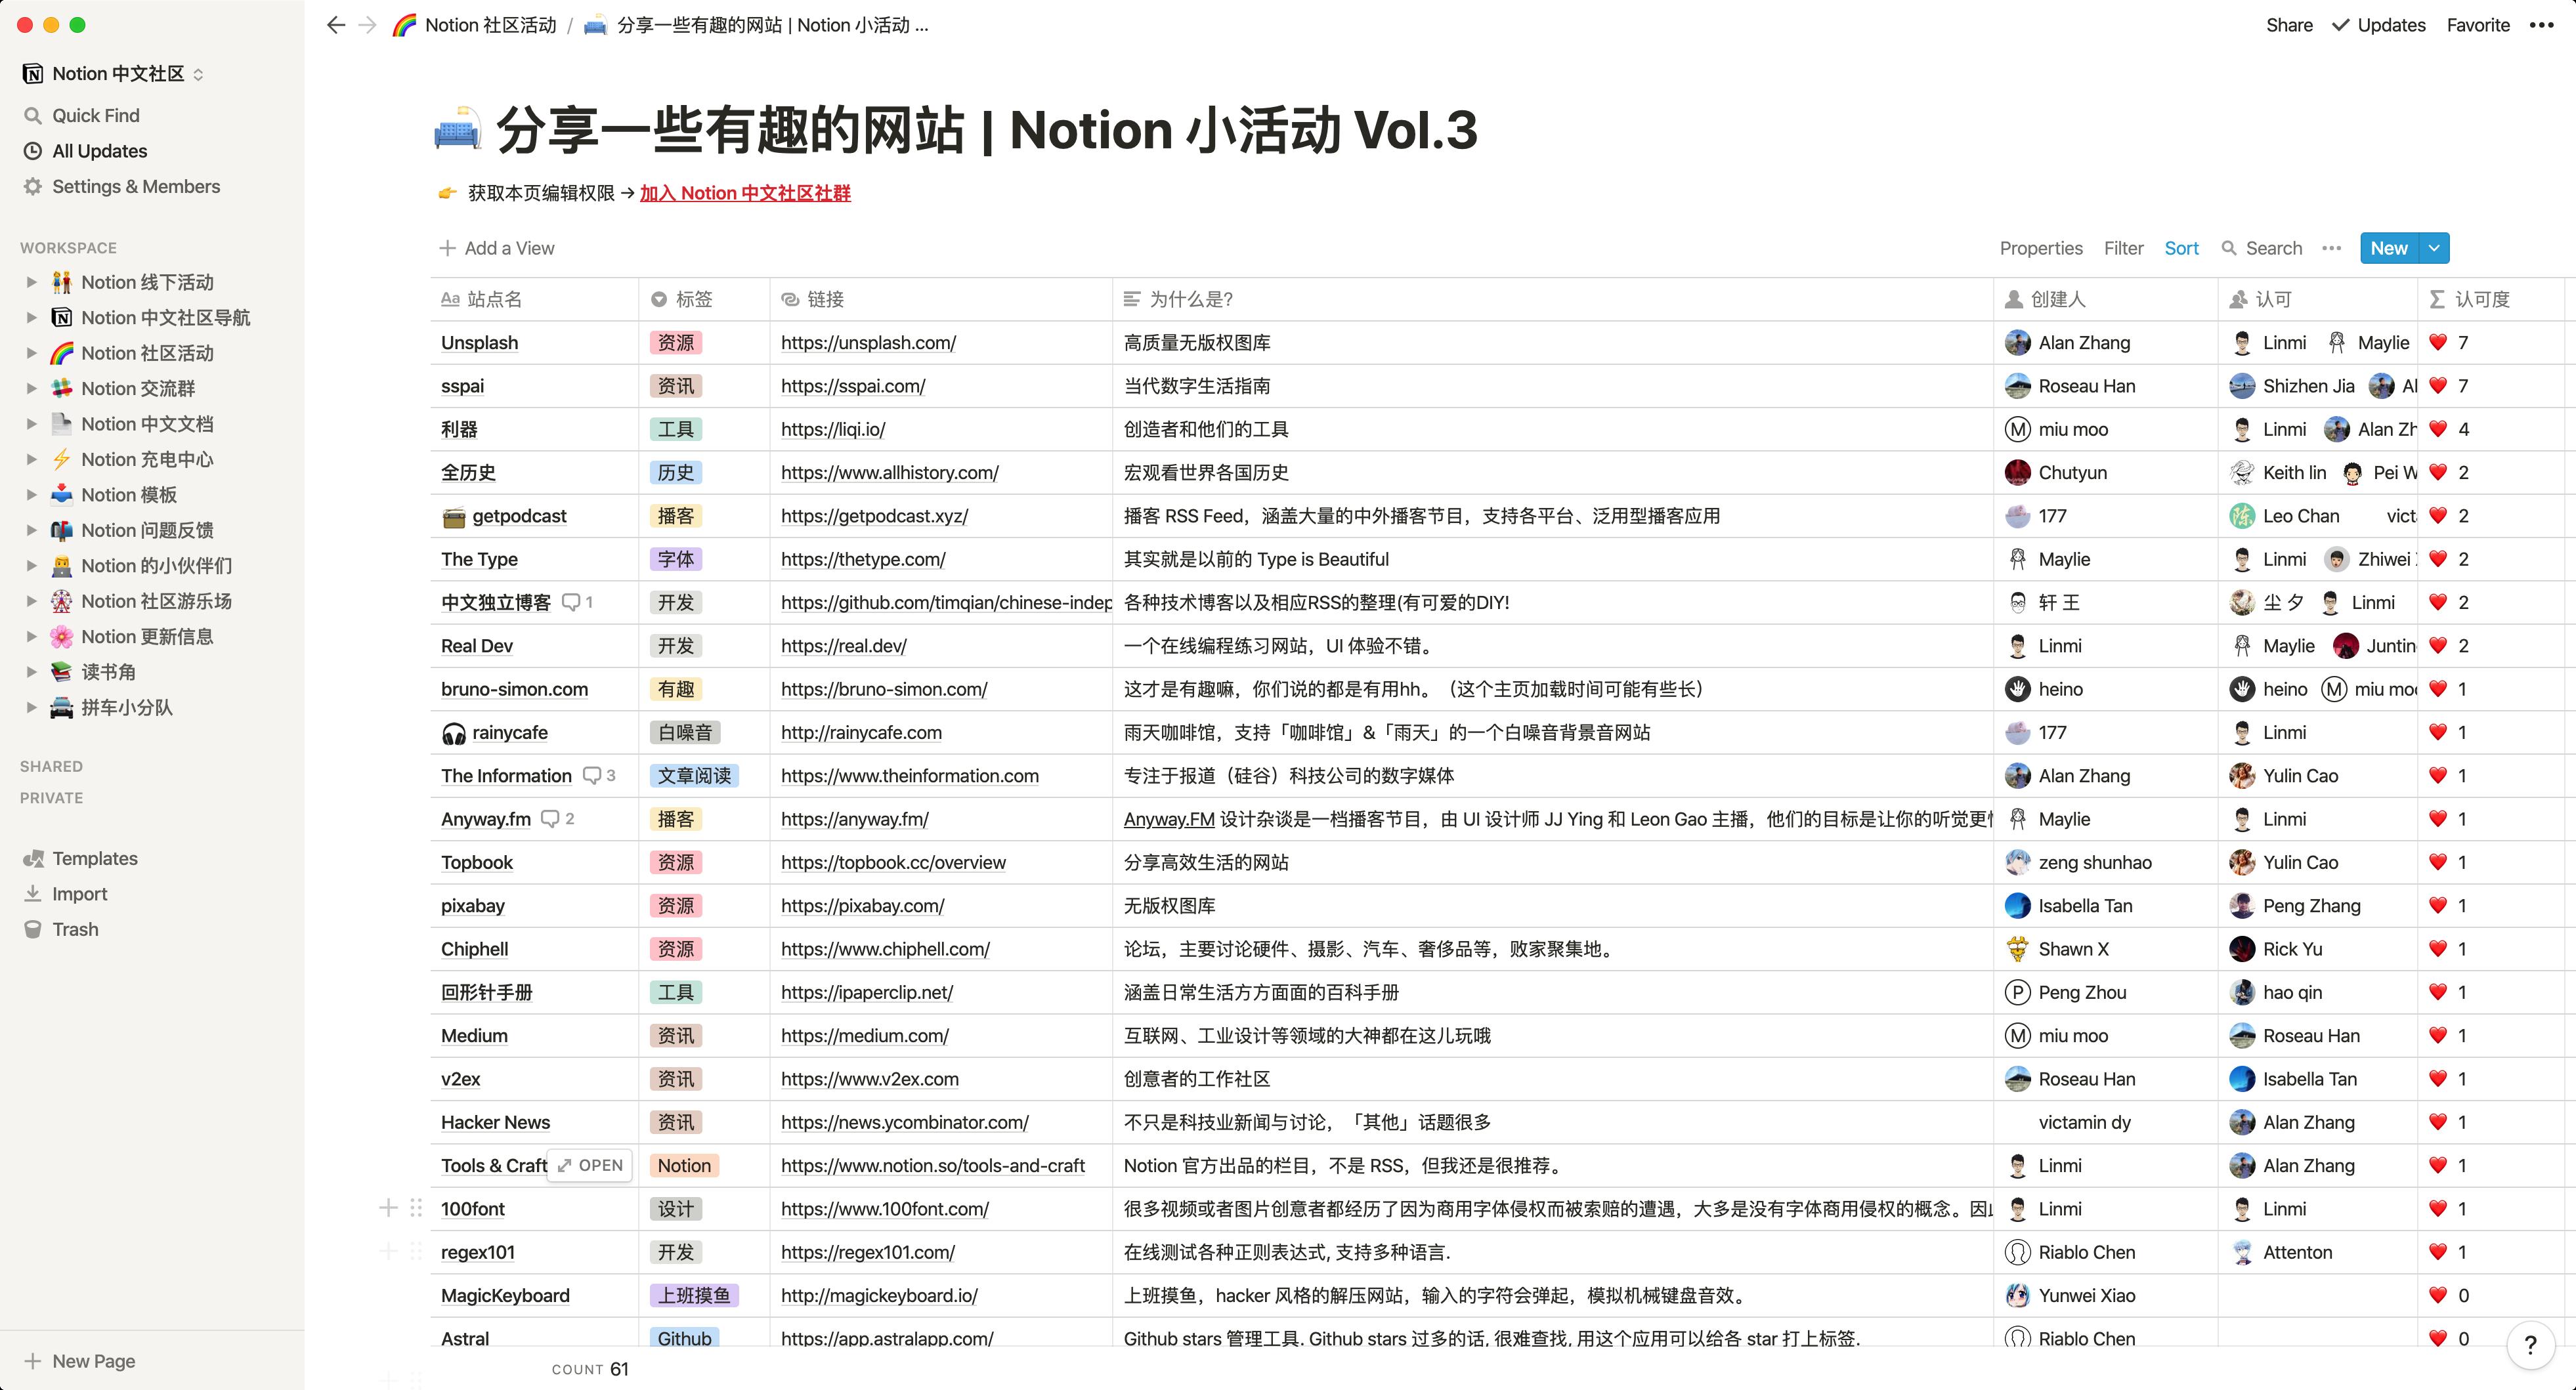 加入 Notion 中文社区社群-Linmi